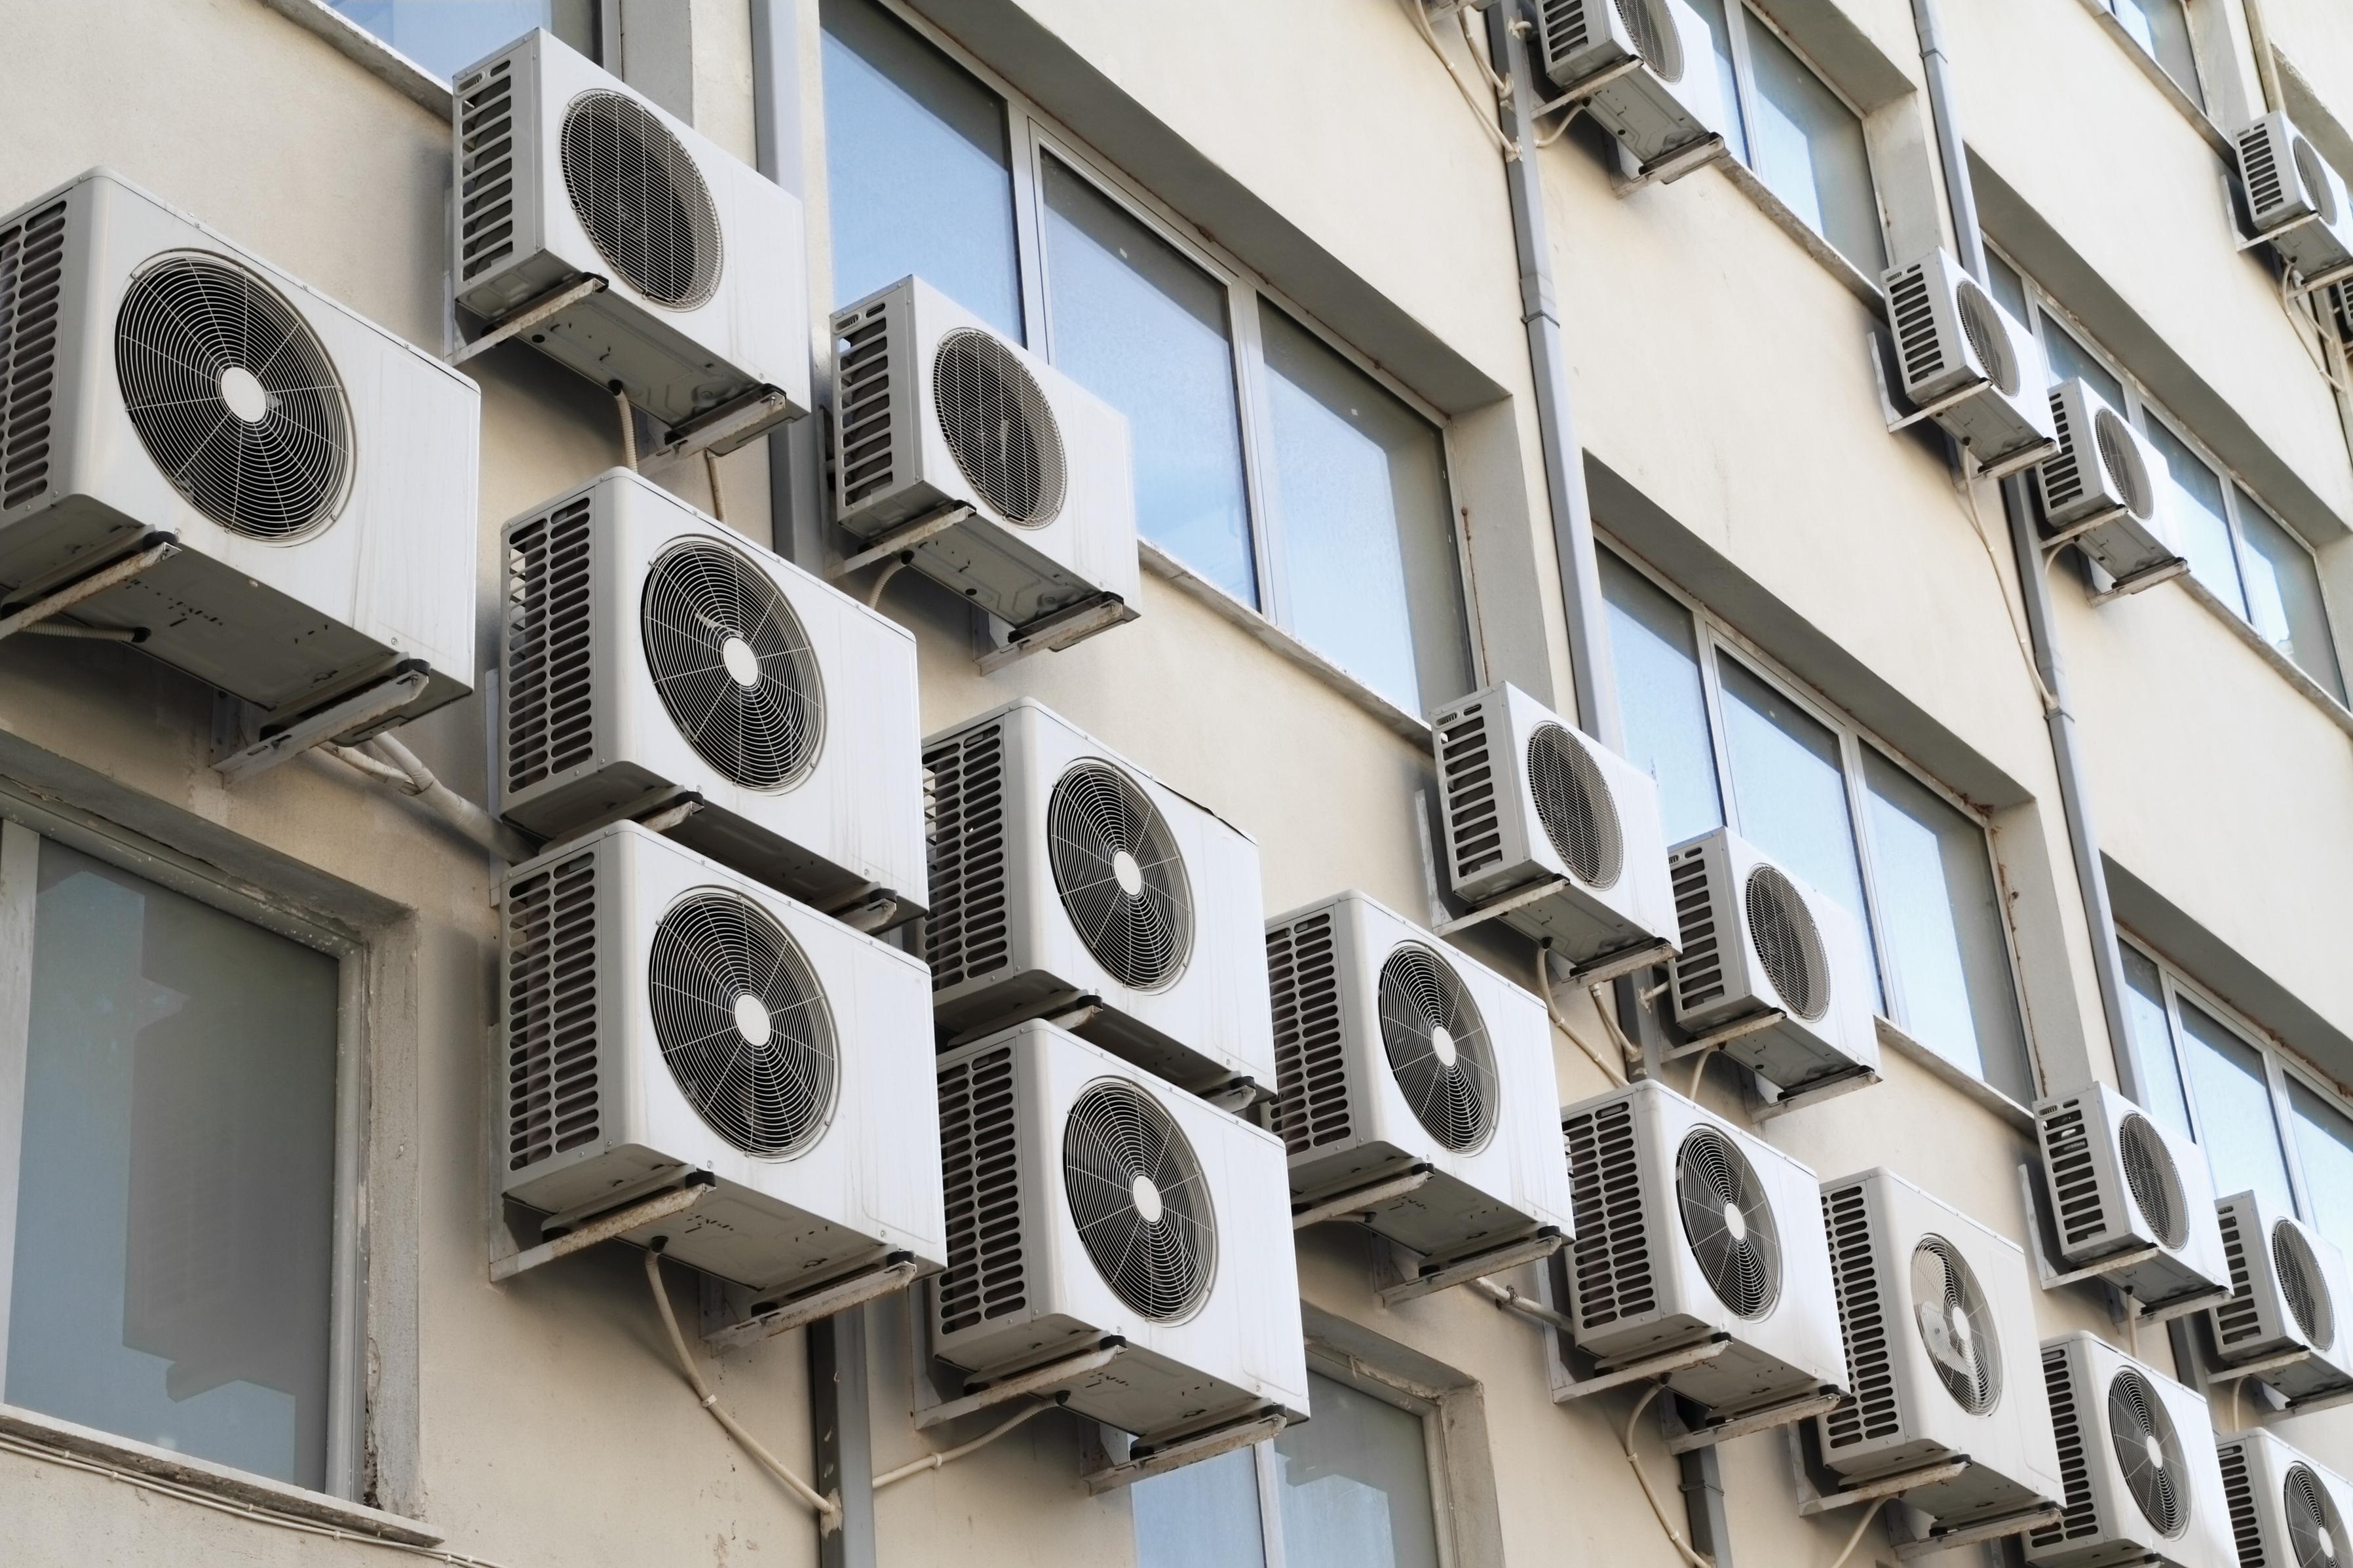 neue vorschriften f r k lte klimaanlagen und d mmstoffe umweltbundesamt. Black Bedroom Furniture Sets. Home Design Ideas